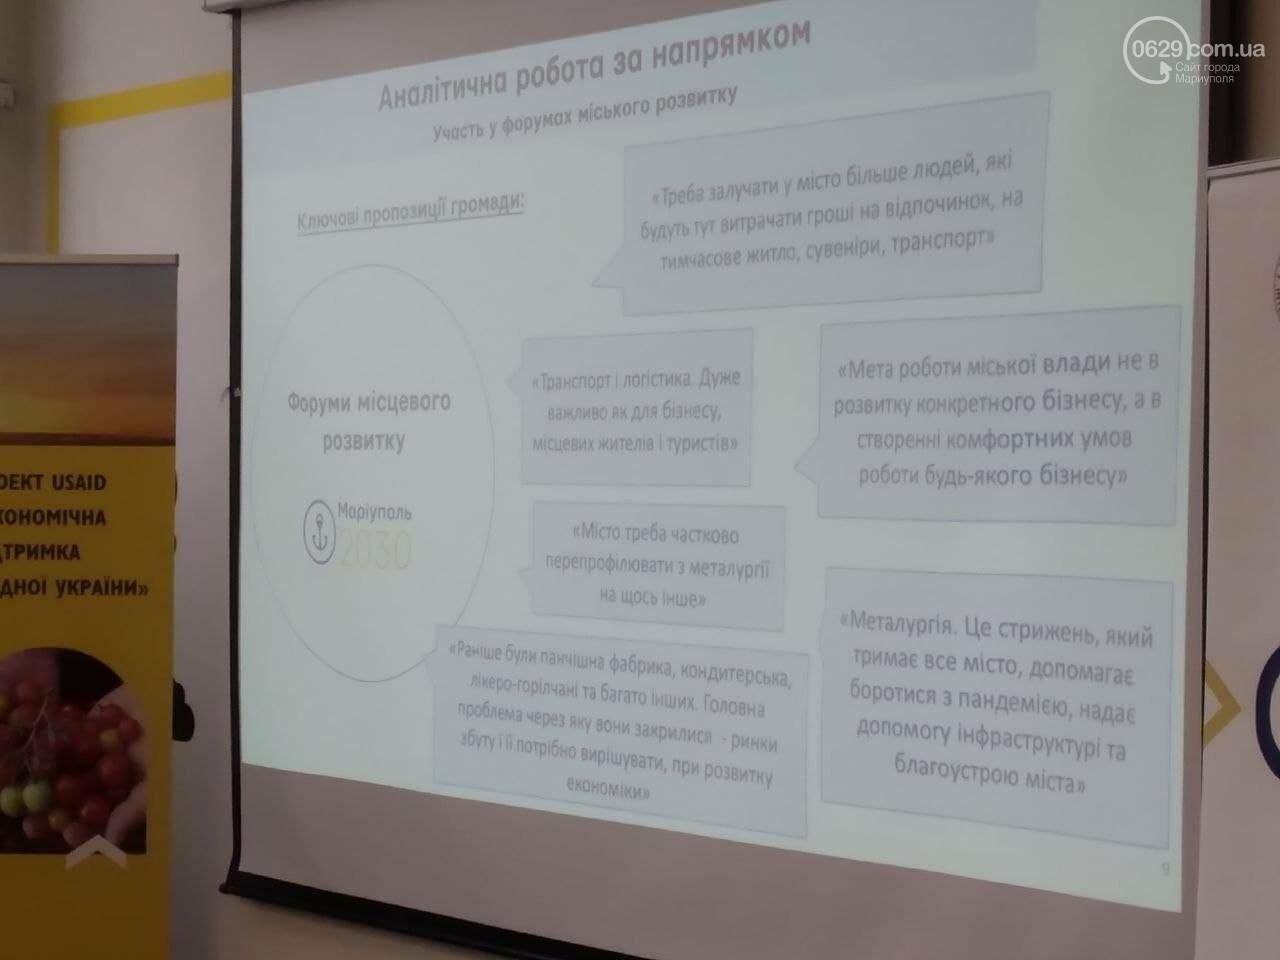 Черновик стратегии Мариуполя - 2030 готов. Что будет с заводами, морем и бизнесом, фото-3